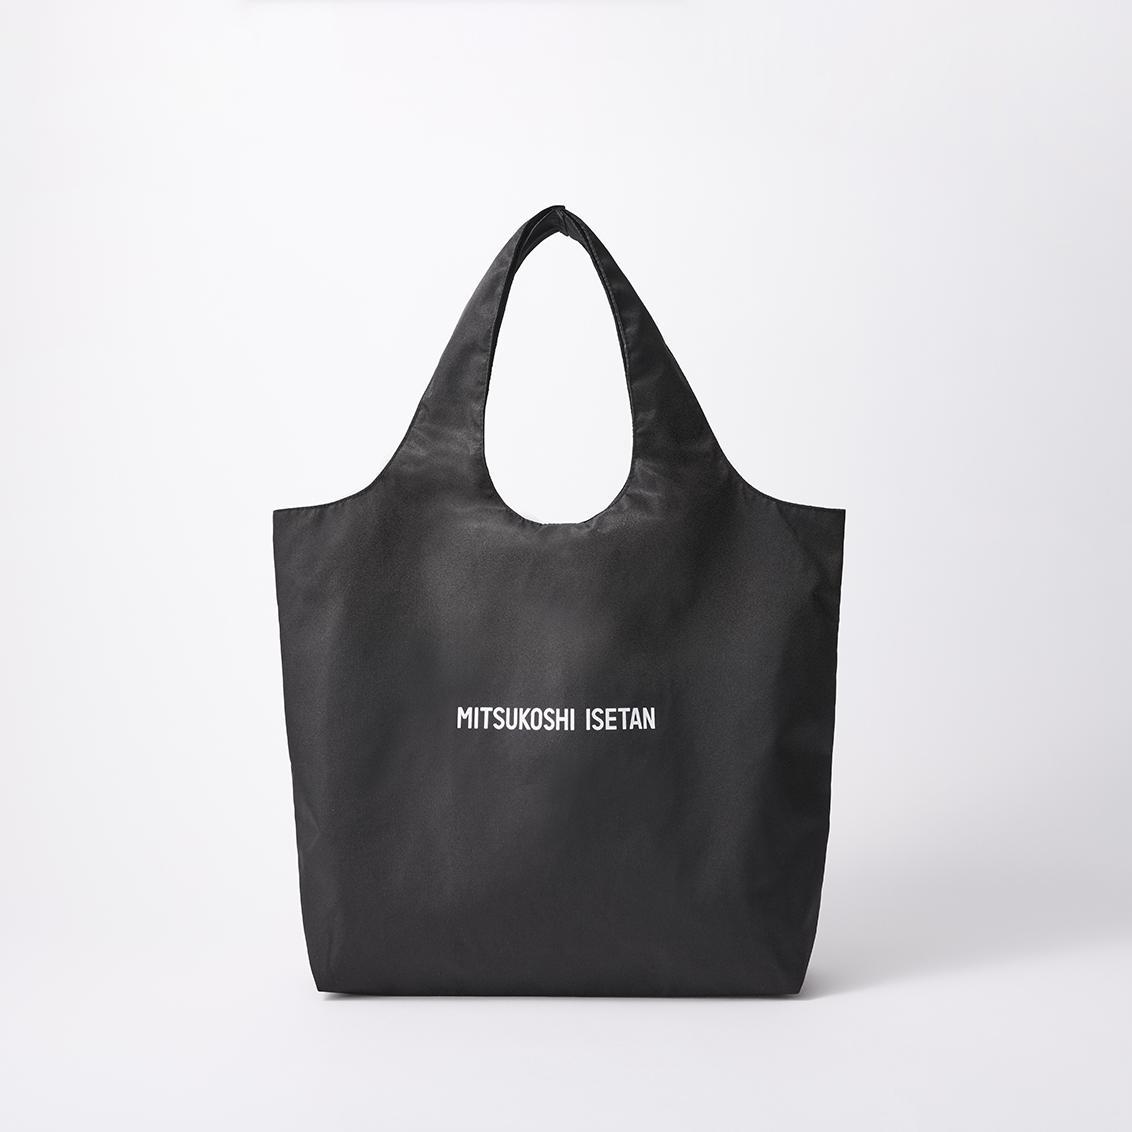 岩田屋・福岡三越共通の「オリジナルコンパクトバッグ」